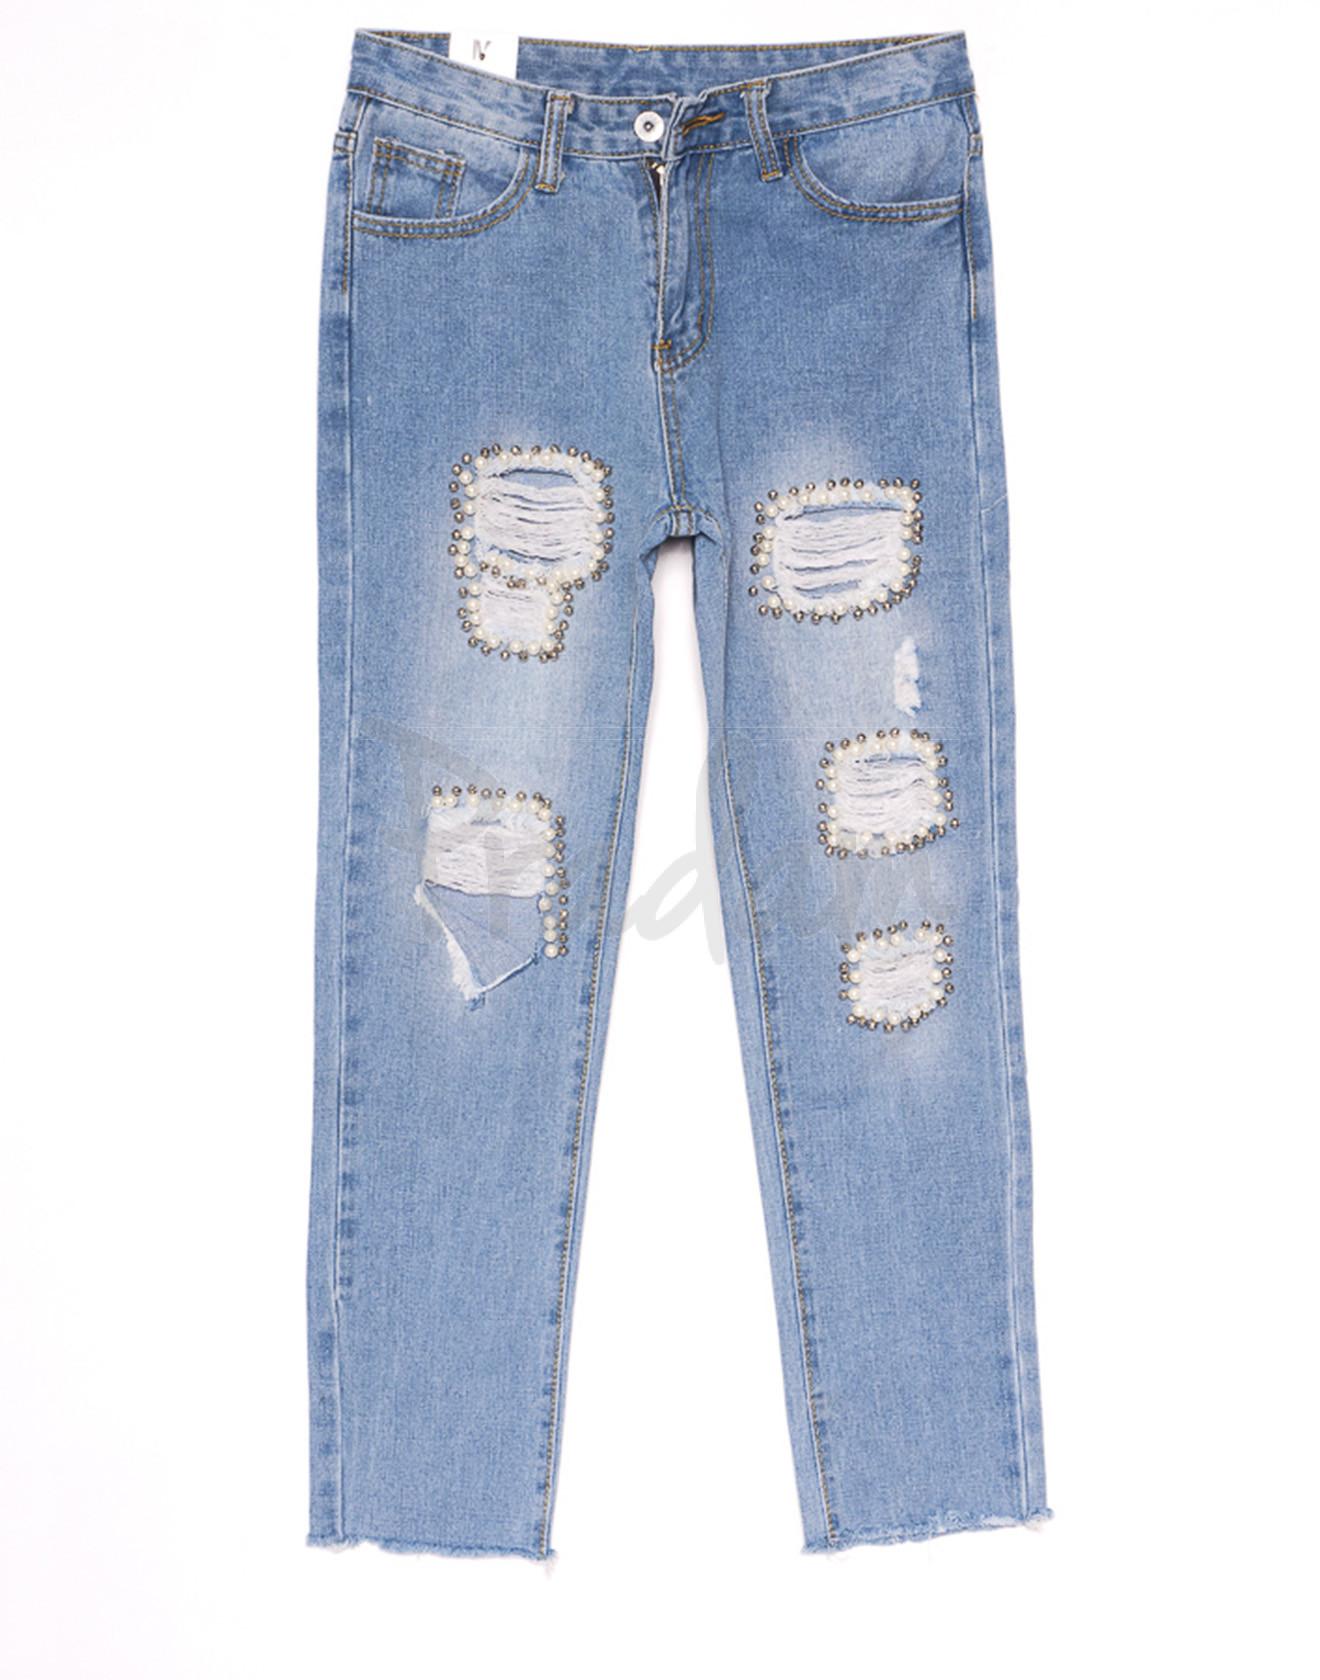 9980 AMAN (S-L, 3 ед.) джинсы женские весенние не тянутся